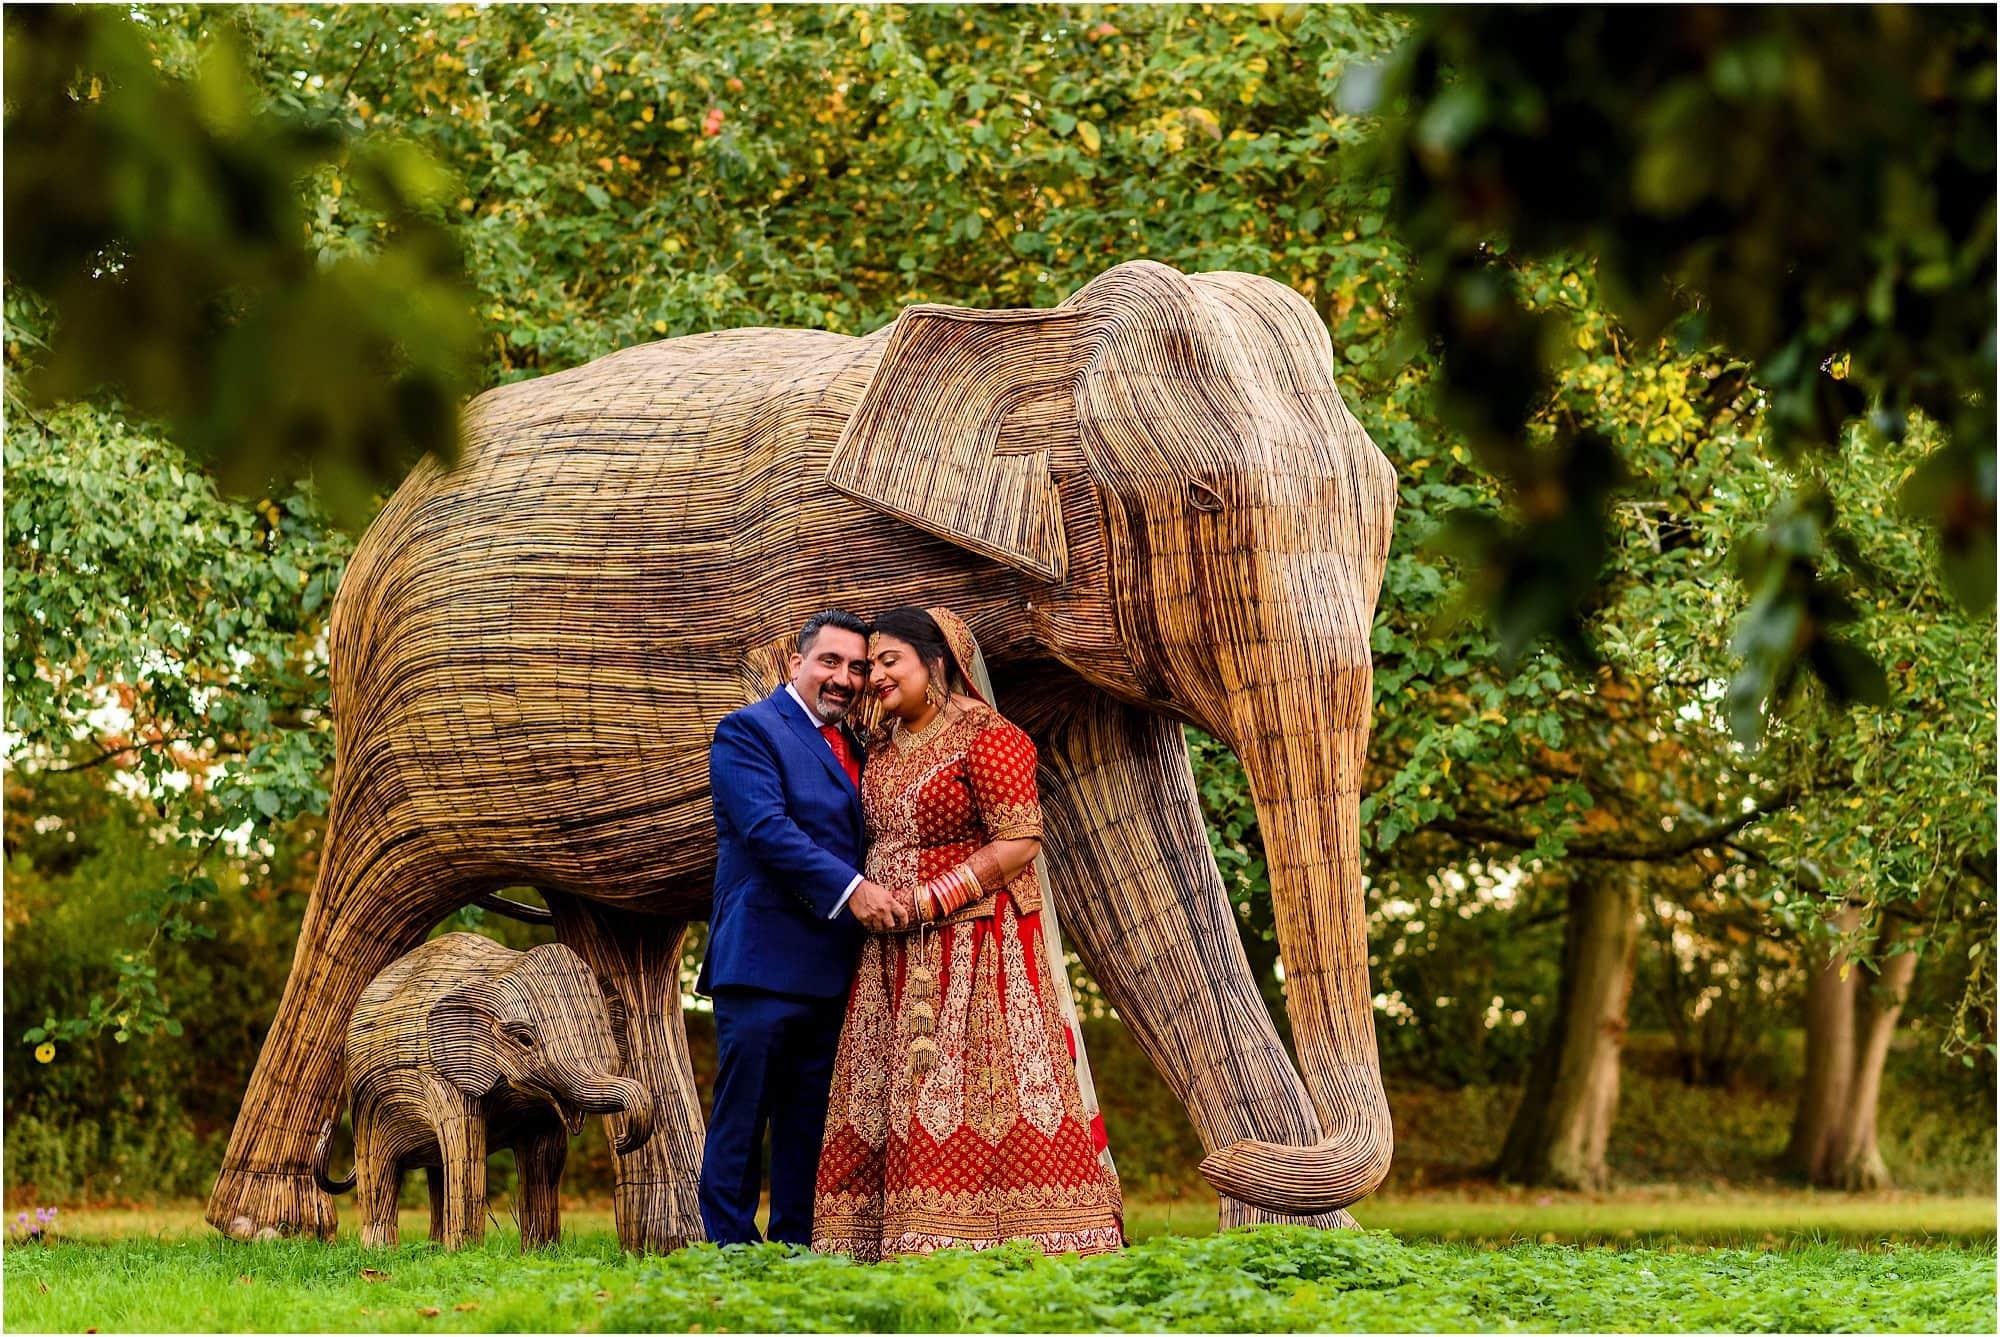 Childerley Long Barn Wedding Elephants